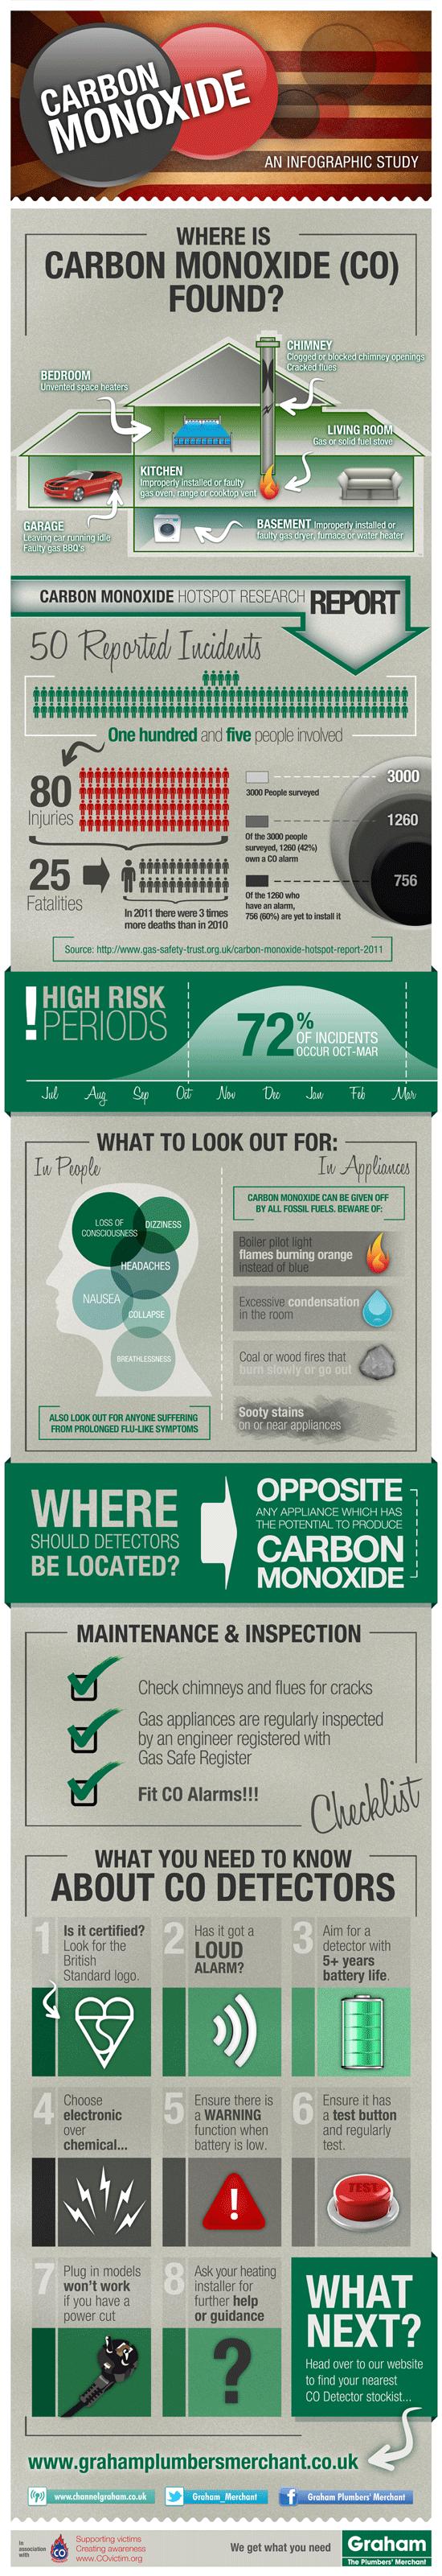 carbon-monoxide-awareness-infographic_50a3dbb83d502